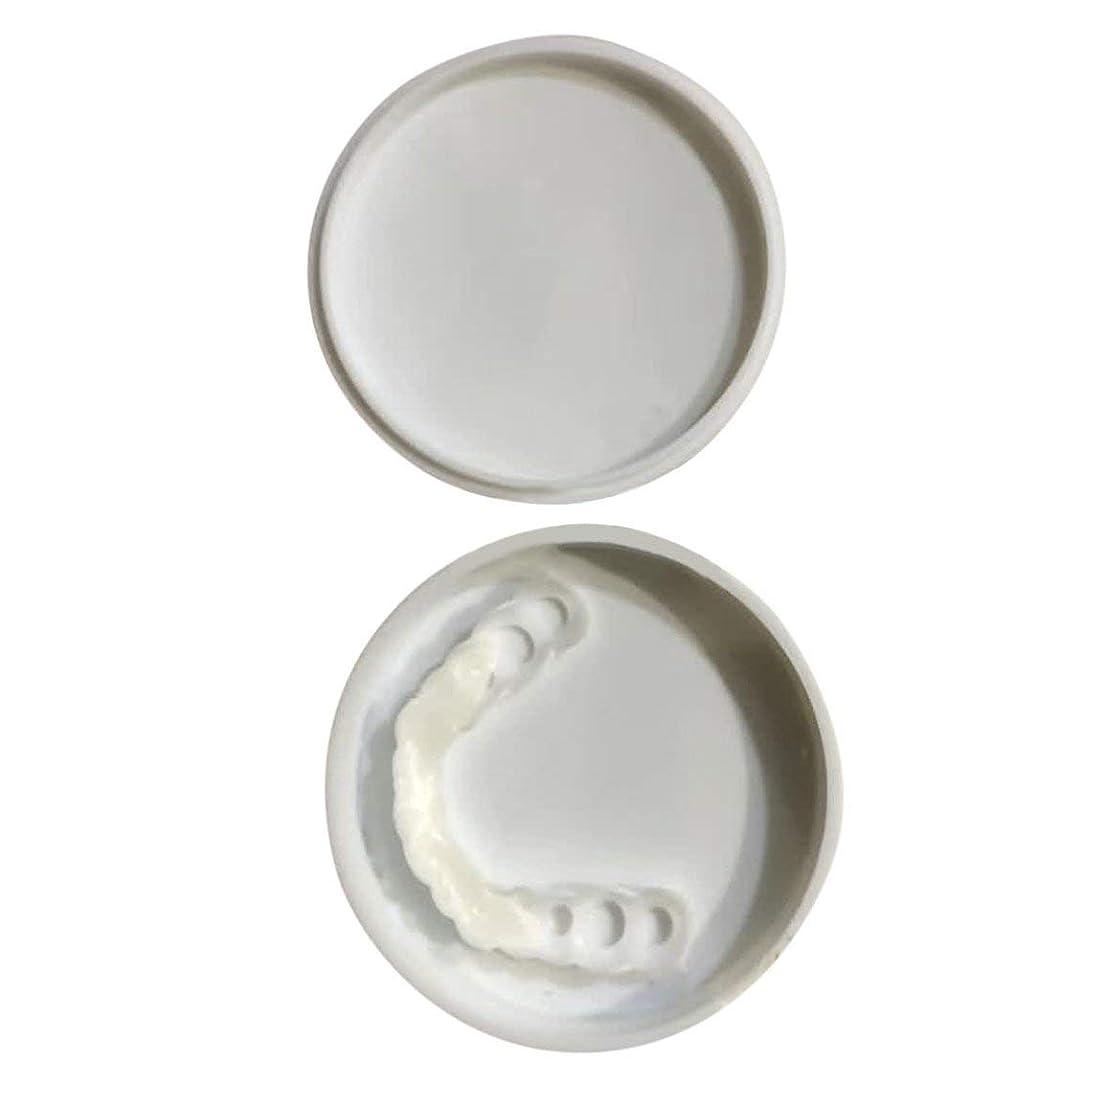 インサート別々に自己尊重快適なスナップオン男性女性歯インスタントパーフェクトスマイルコンフォートフィットフレックス歯フィットホワイトニング笑顔偽歯カバー - ホワイト